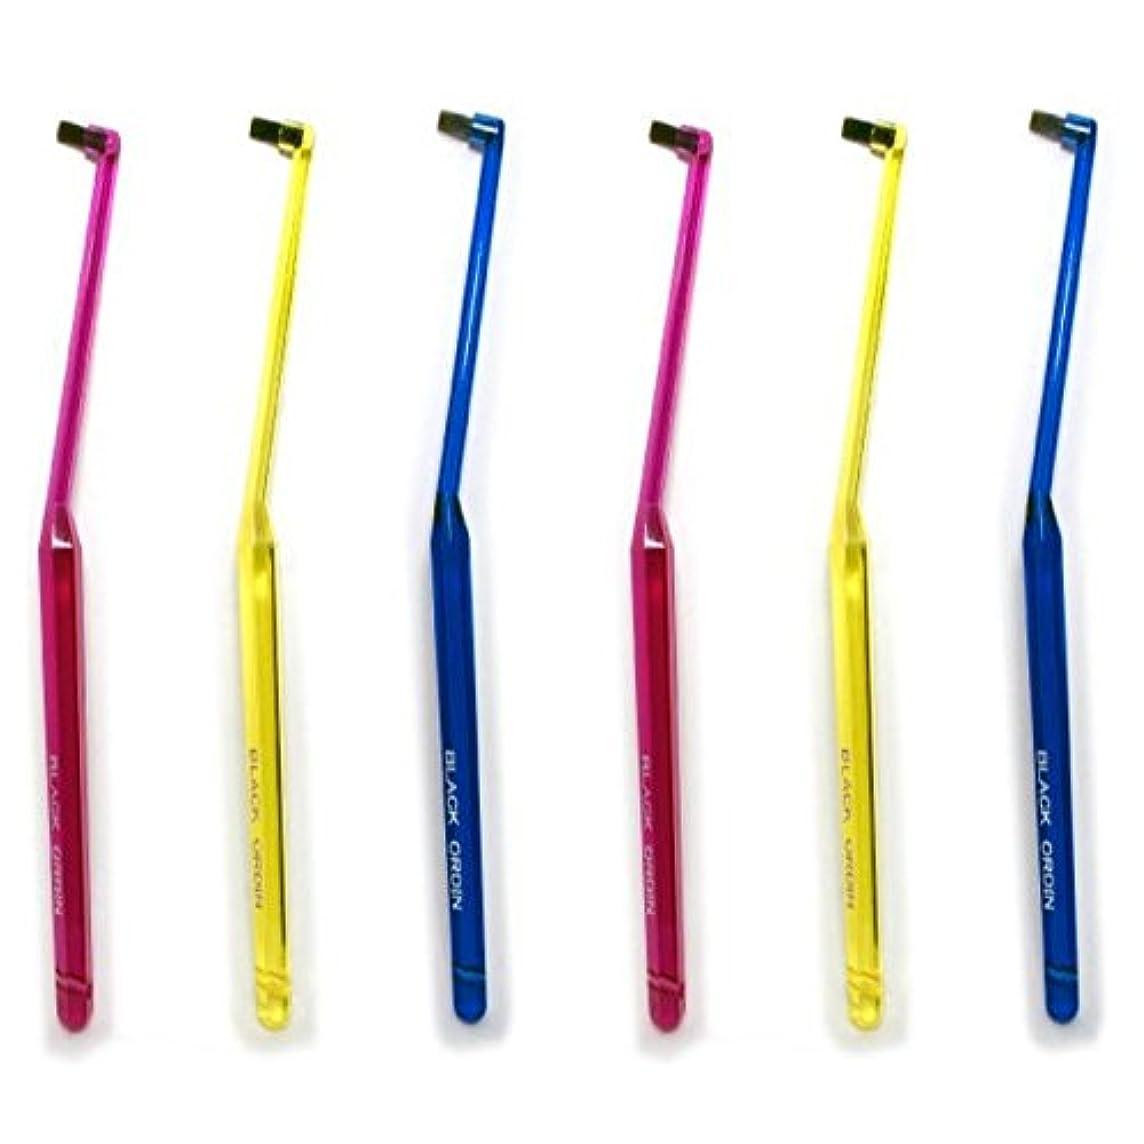 あごカセットクリアワンタフトブラシ ブラックオーディン ワンタフト×6本セット 部分用歯ブラシ 歯磨き 歯ブラシ